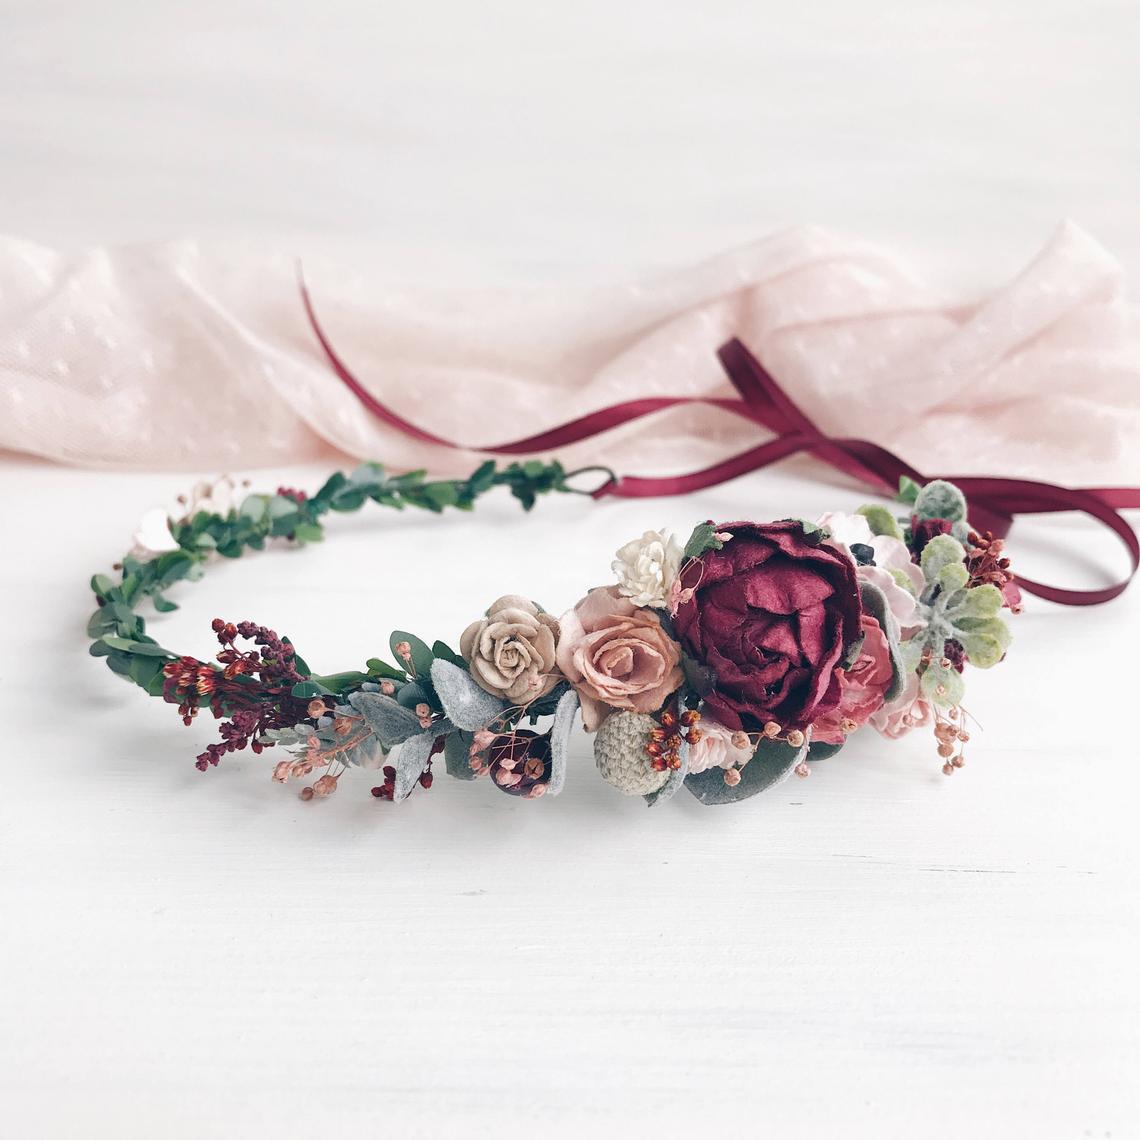 Gorgeous flower crown from Etsy seller: https://www.etsy.com/listing/247034277/burgundy-flower-crown-fall-bridal-flower